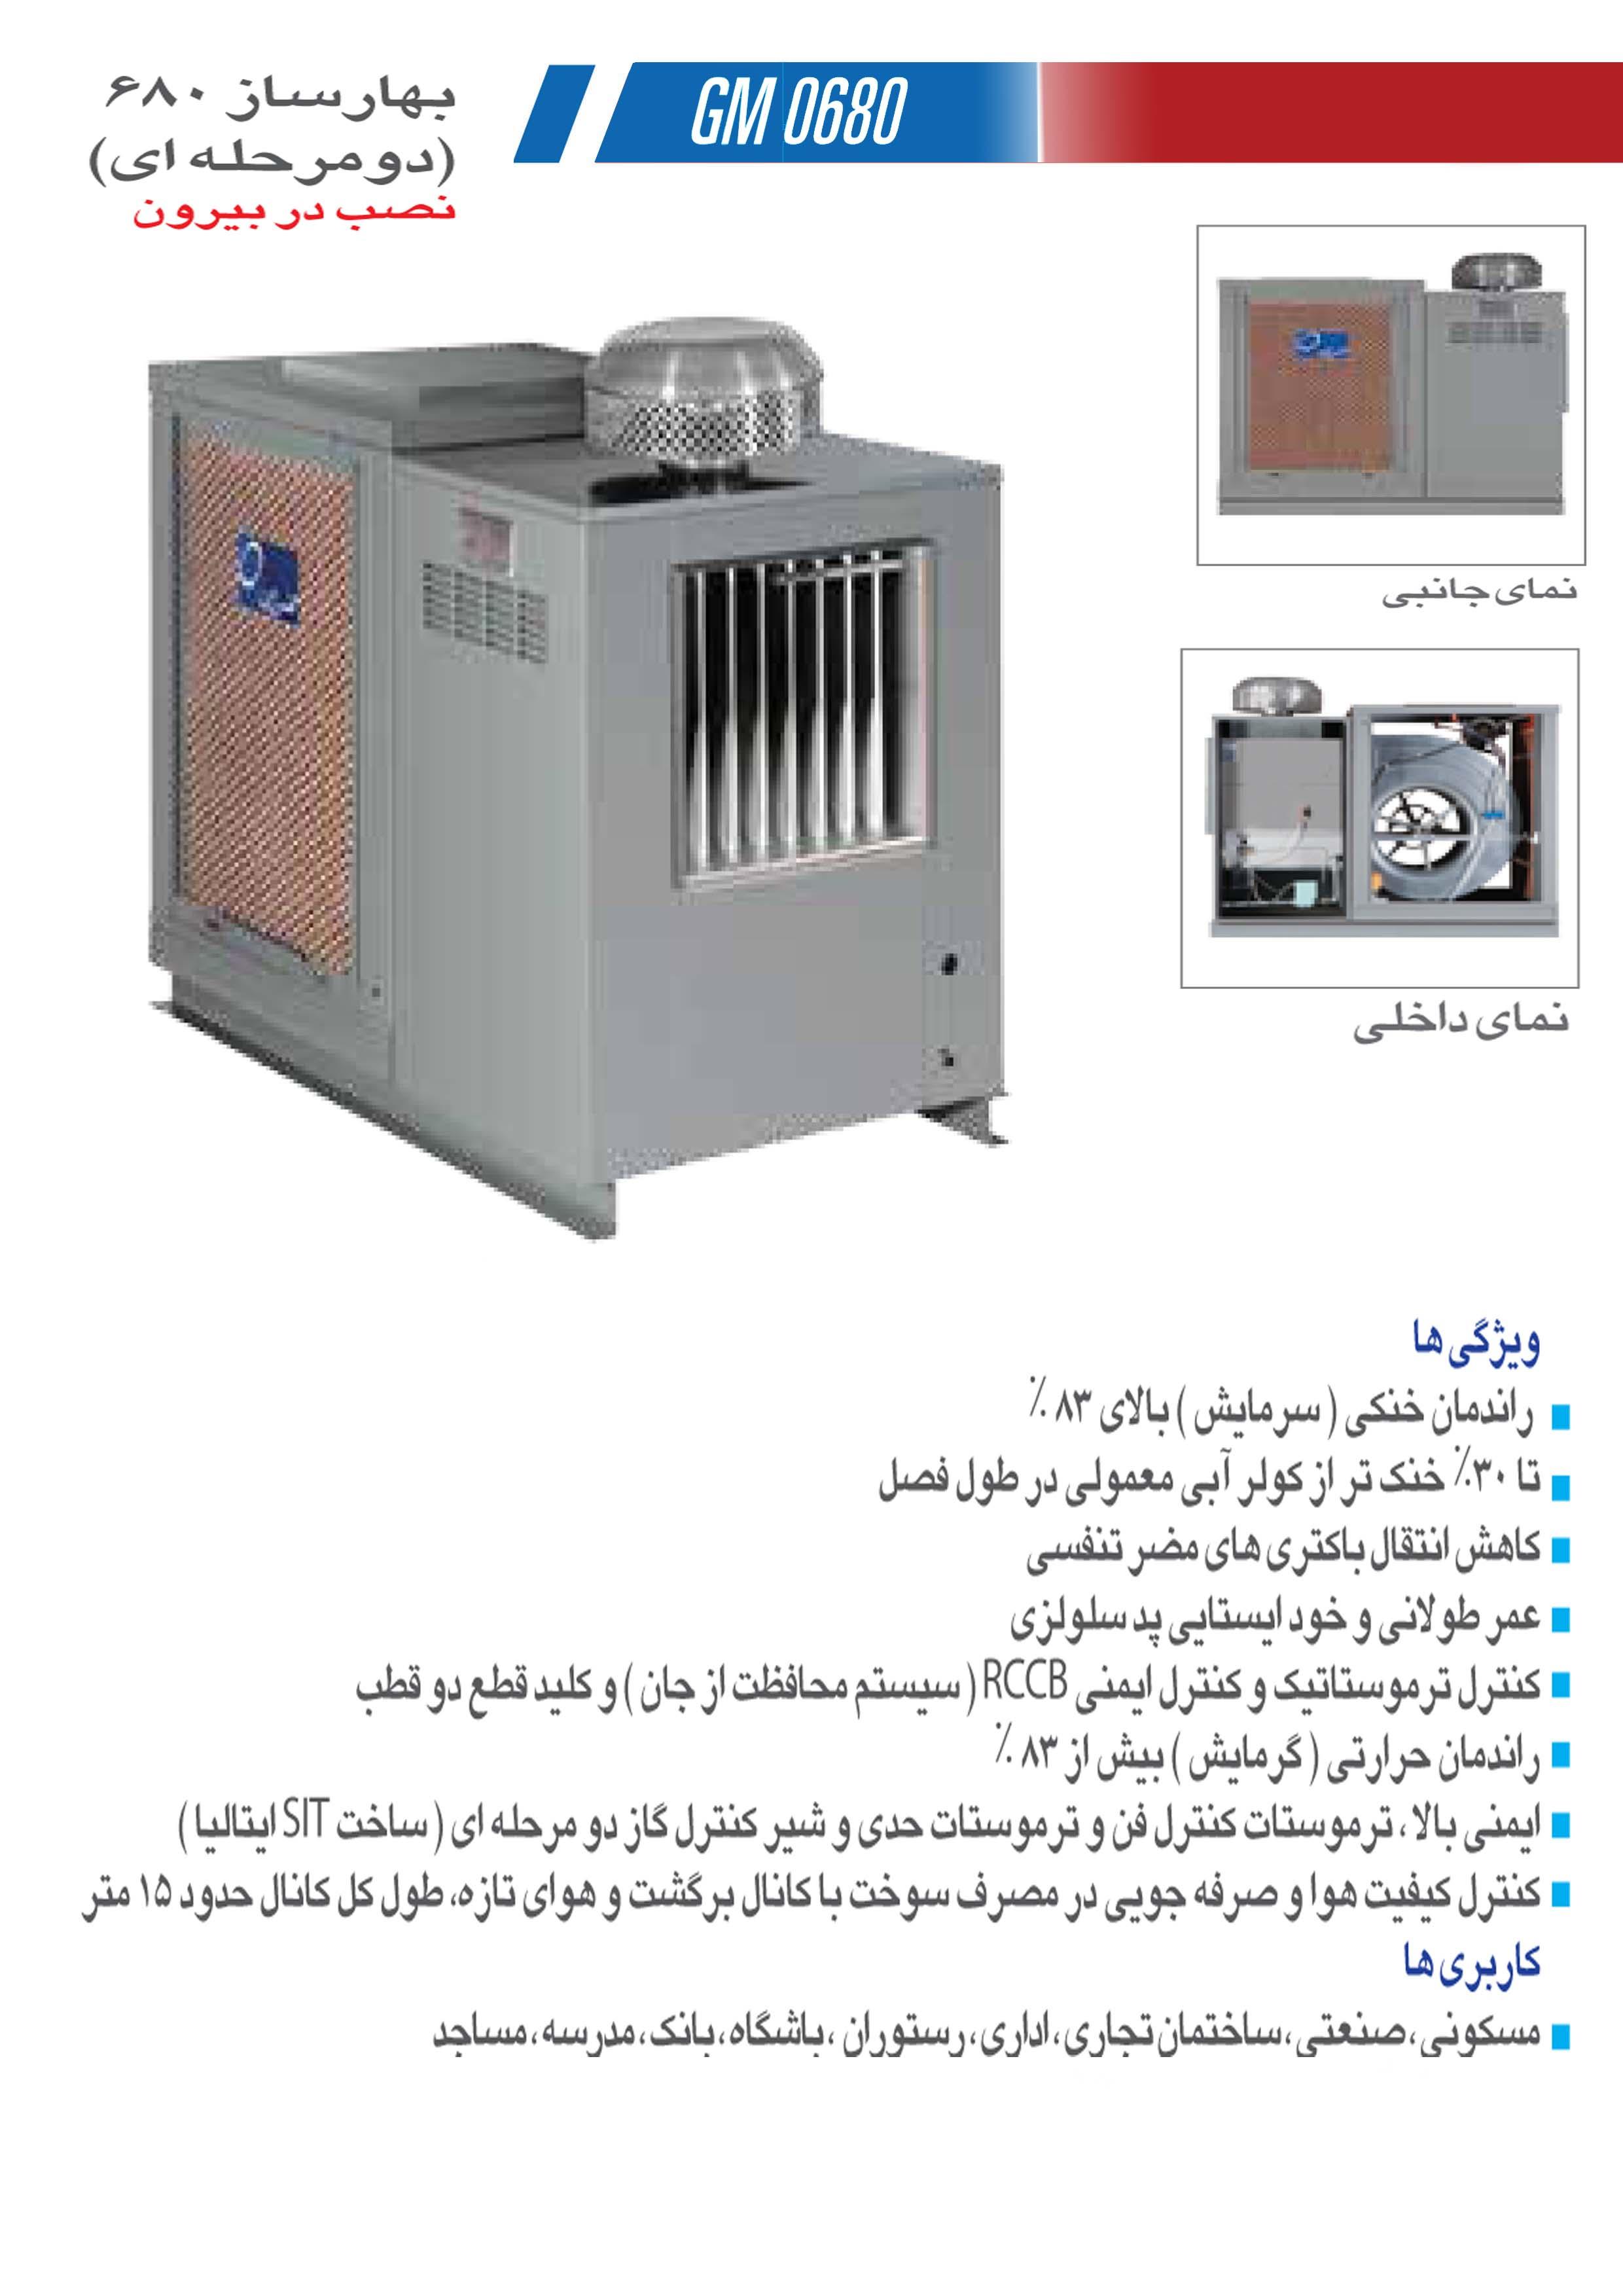 نمایندگی فروش بخاری کارگاهی انرژی ، هیتر تابشی ، هیتر گازی ، نفتی ، گازوئیلی و برقی ، بهار ساز